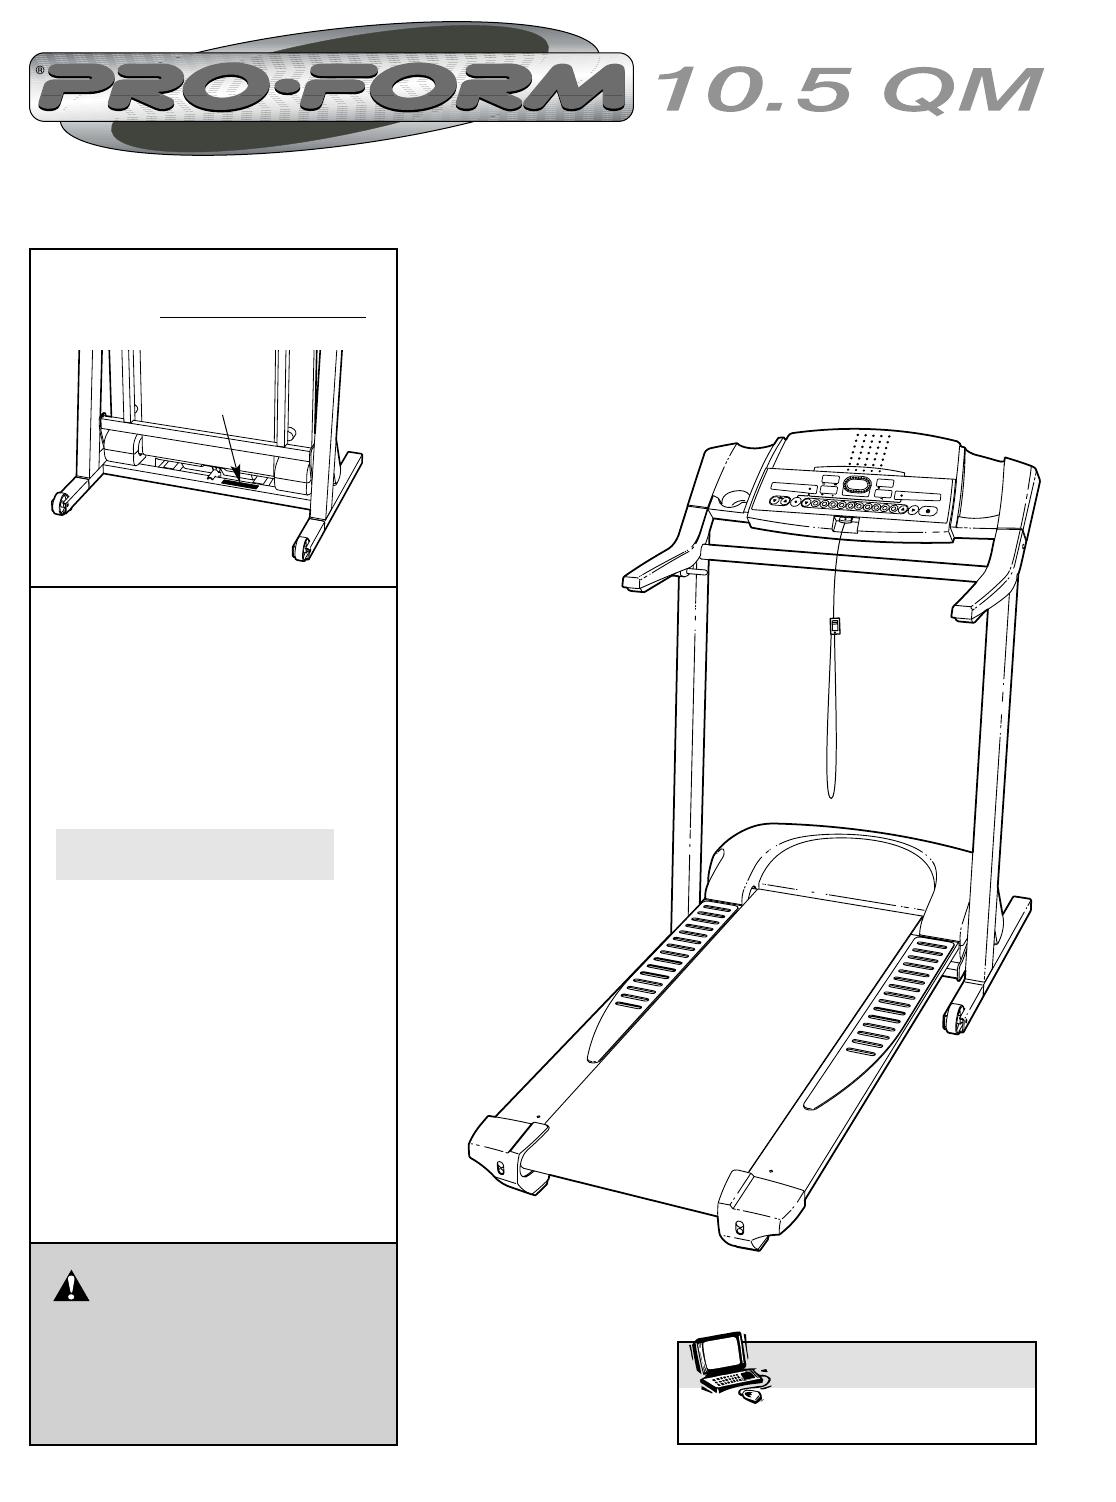 Bedienungsanleitung Pro Form 105 Qm Petl6102 Seite 1 Von 27 Proform Treadmill Wiring Diagram